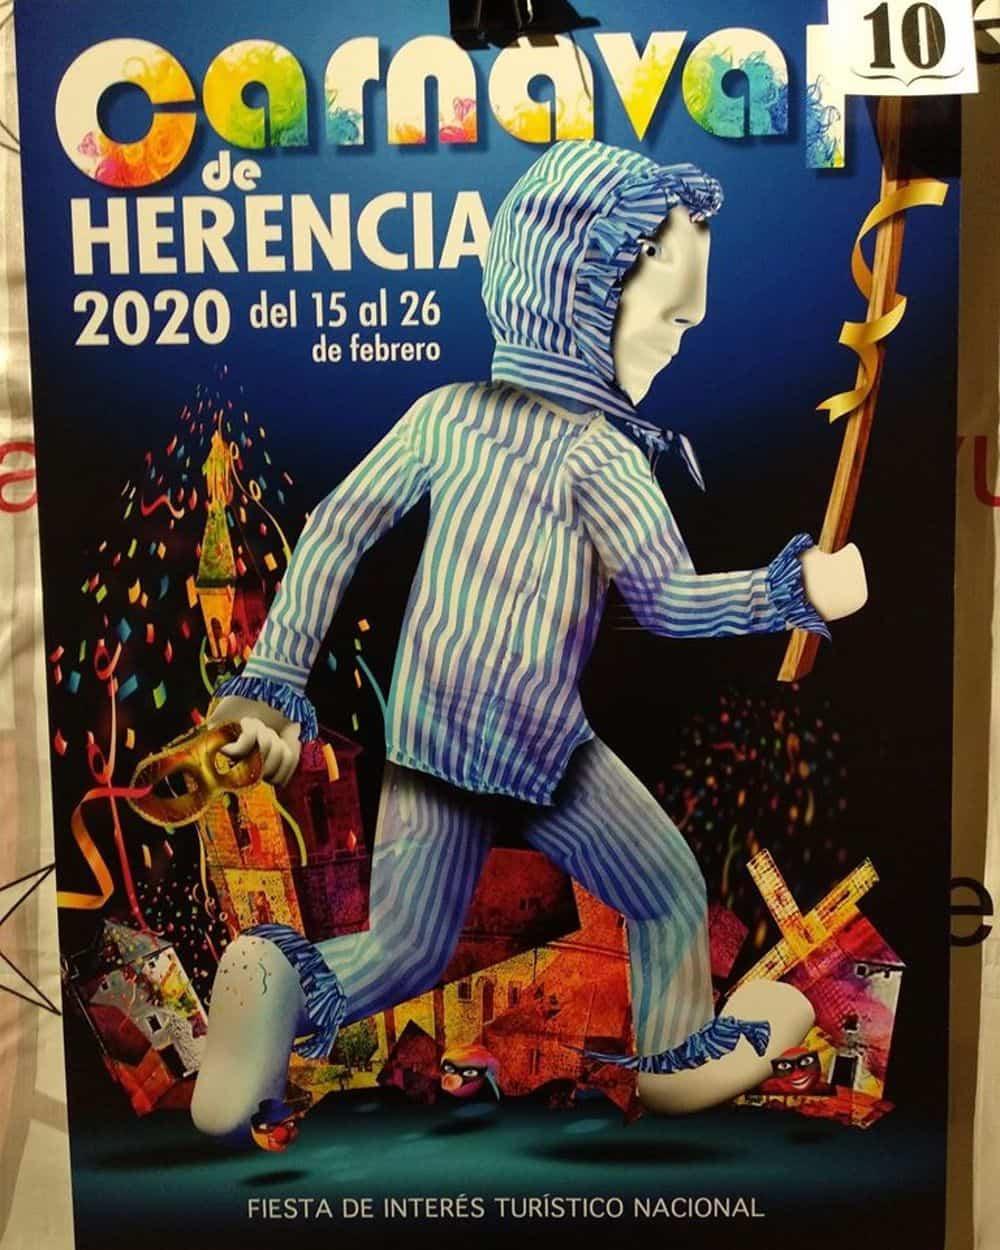 carteles carnaval 2020 herencia 4 - Conoce los carteles de Carnaval de Herencia 2020, ¿cuál te gusta más?